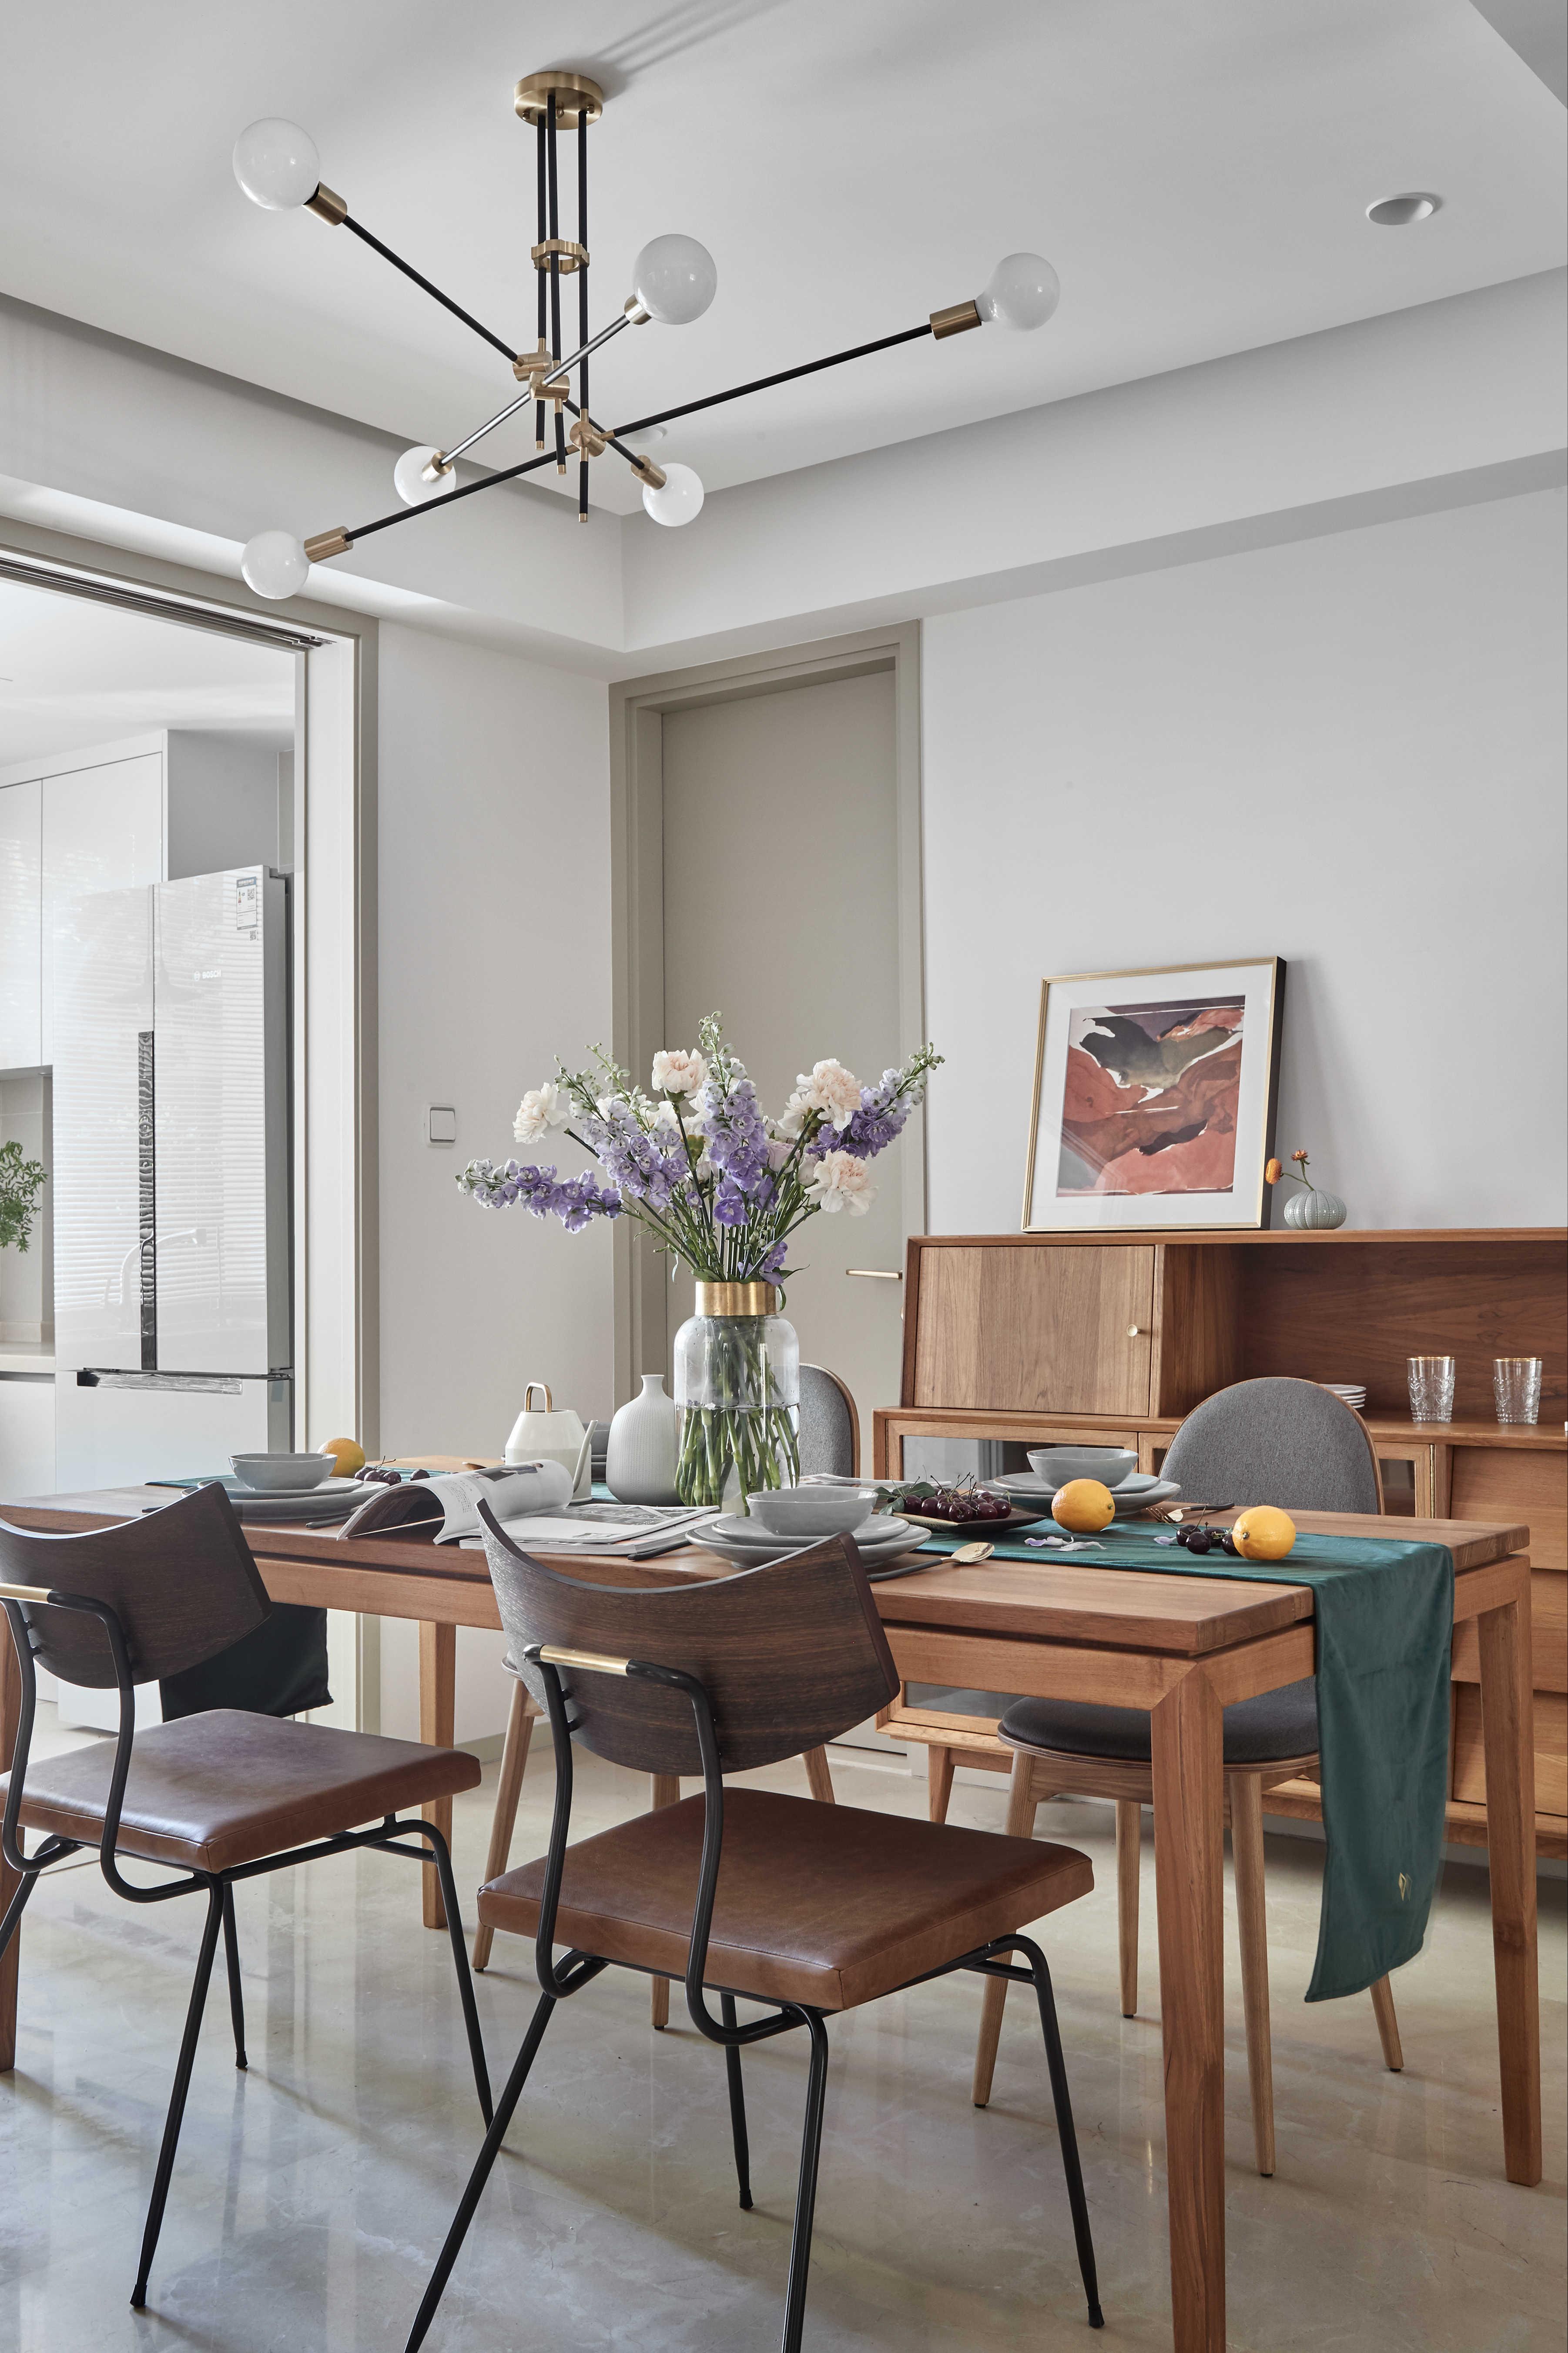 简约休闲三居室餐厅装修效果图